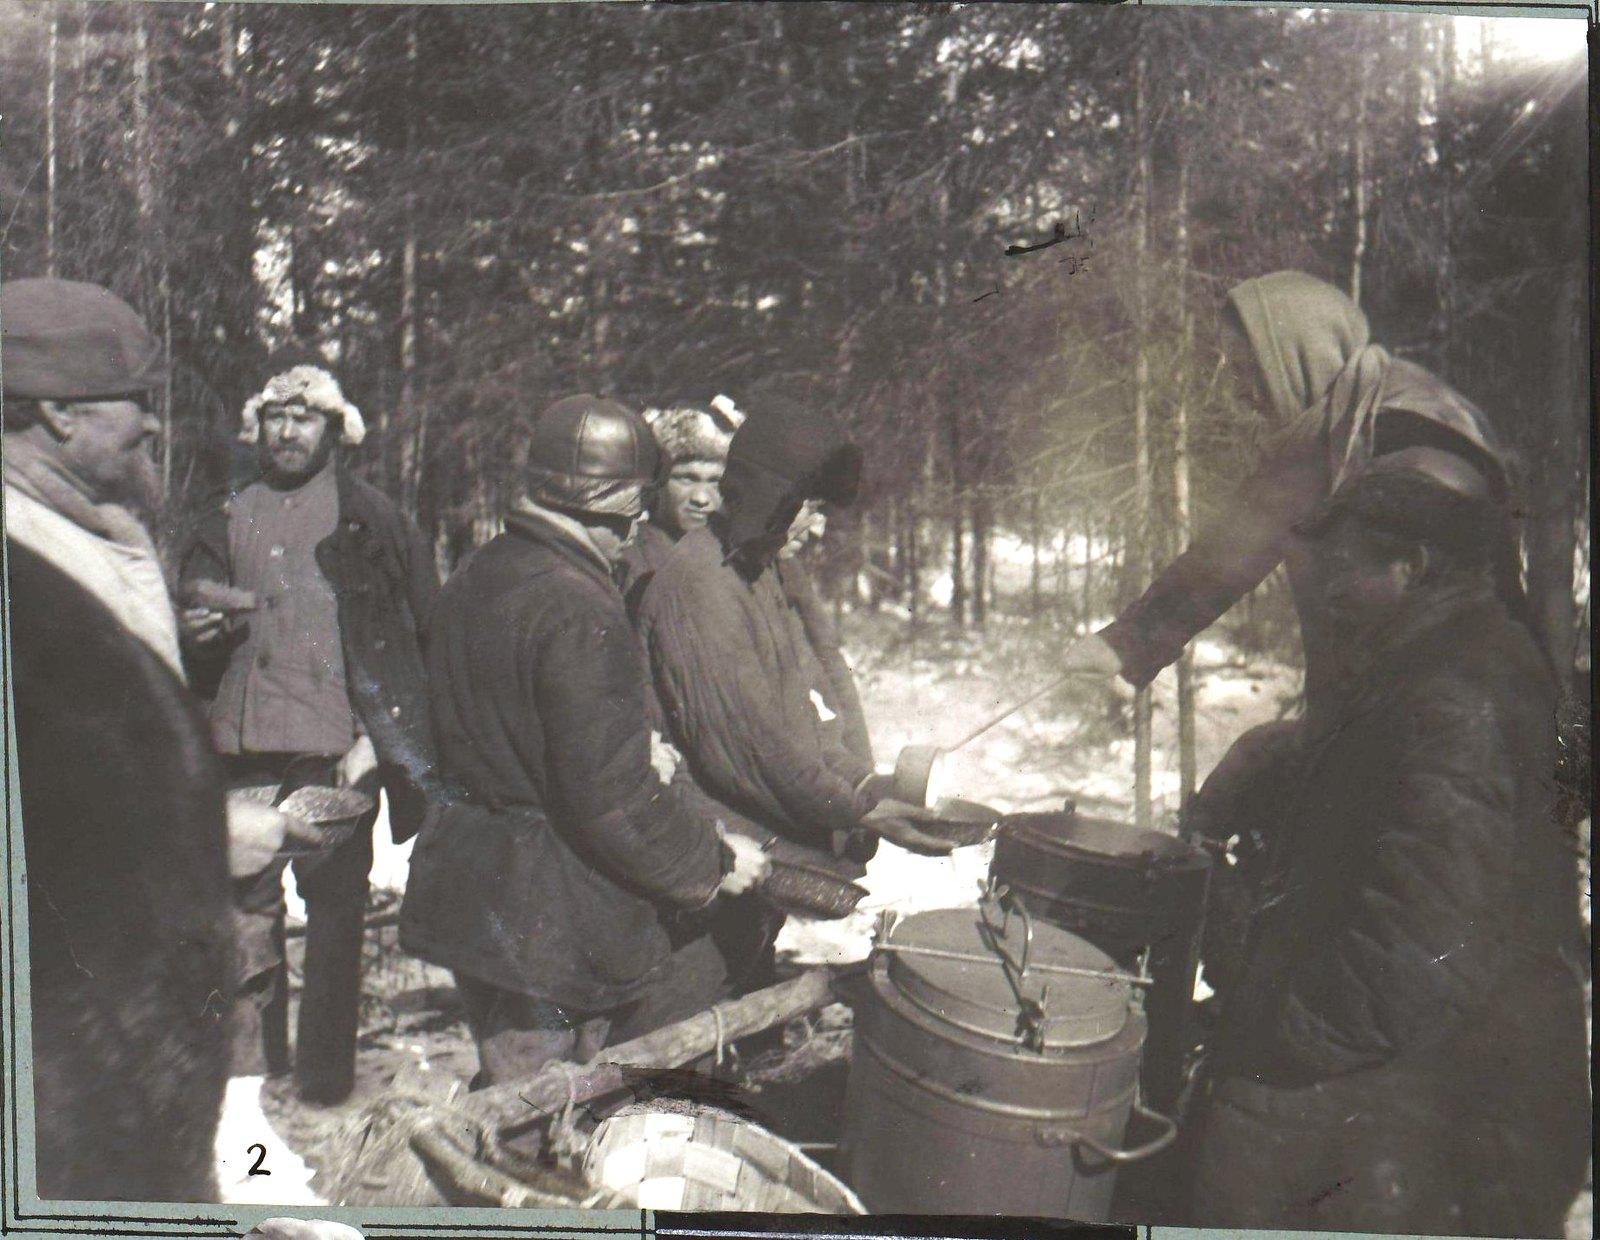 Северный край. На 2-м участке Севлеспромхоза налажено снабжение лесорубов обедами, которые привозятся на места лесоразработок в термосах